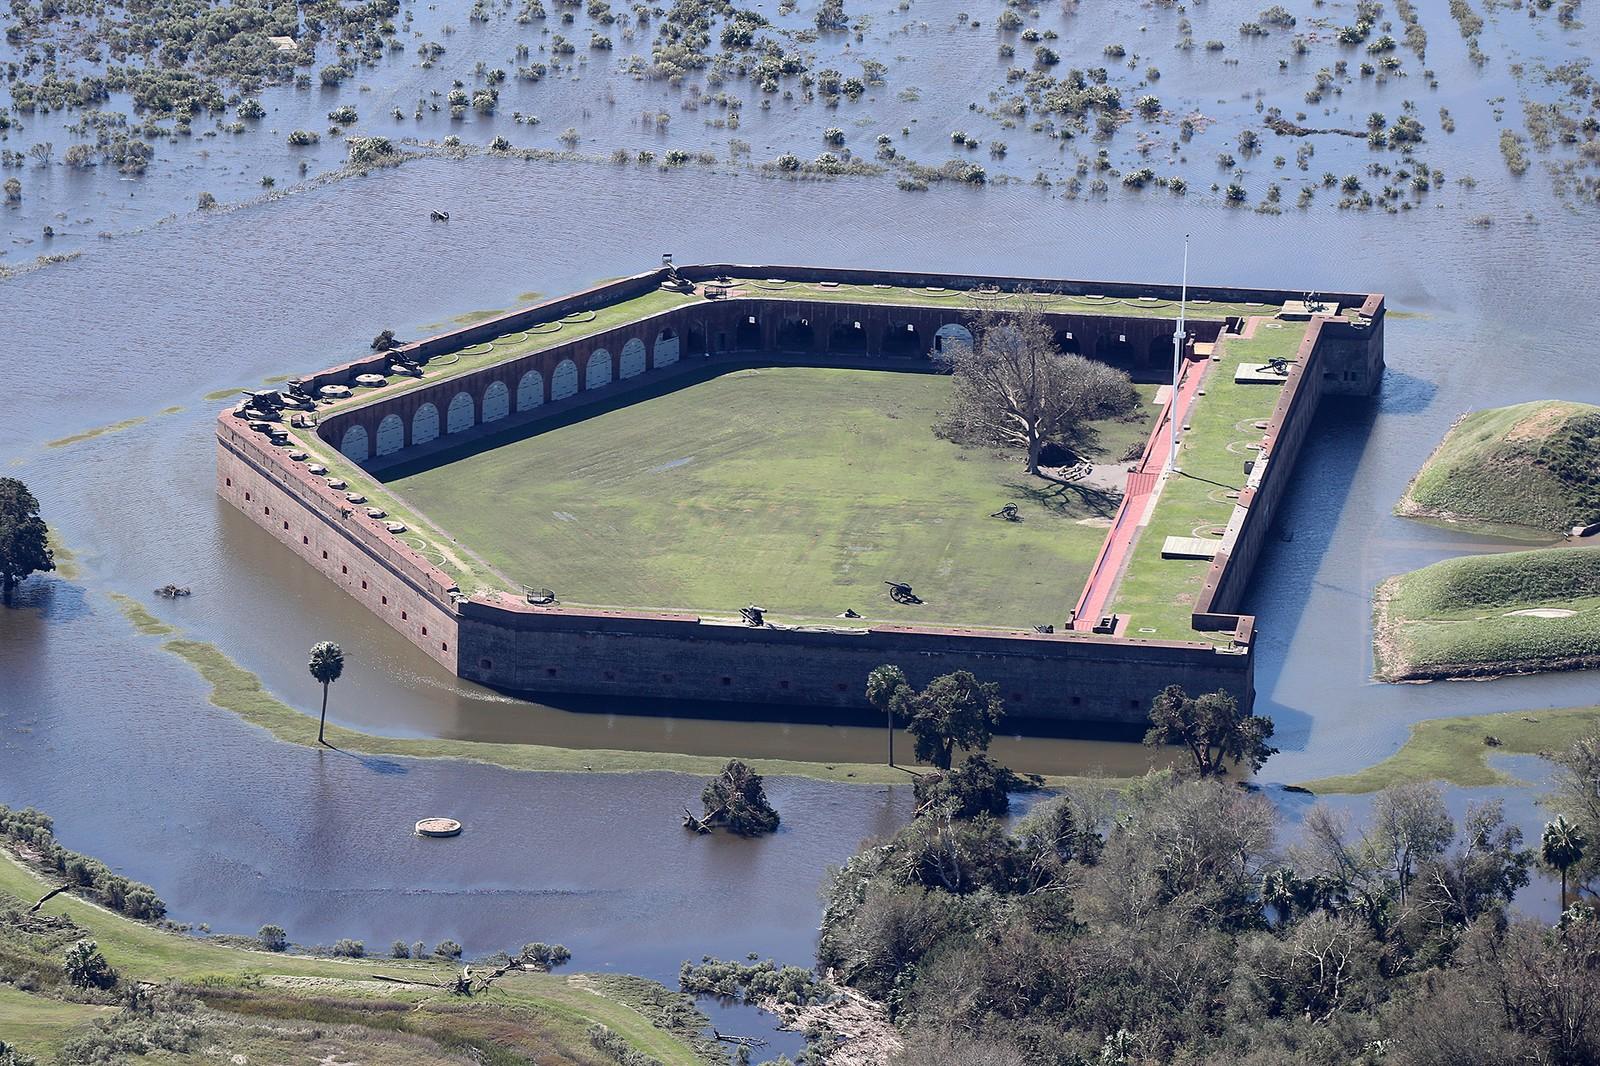 Det historiske Pulaski-fortet i Savannah, Georgia, er helt omgitt av vann etter orkanens herjinger.